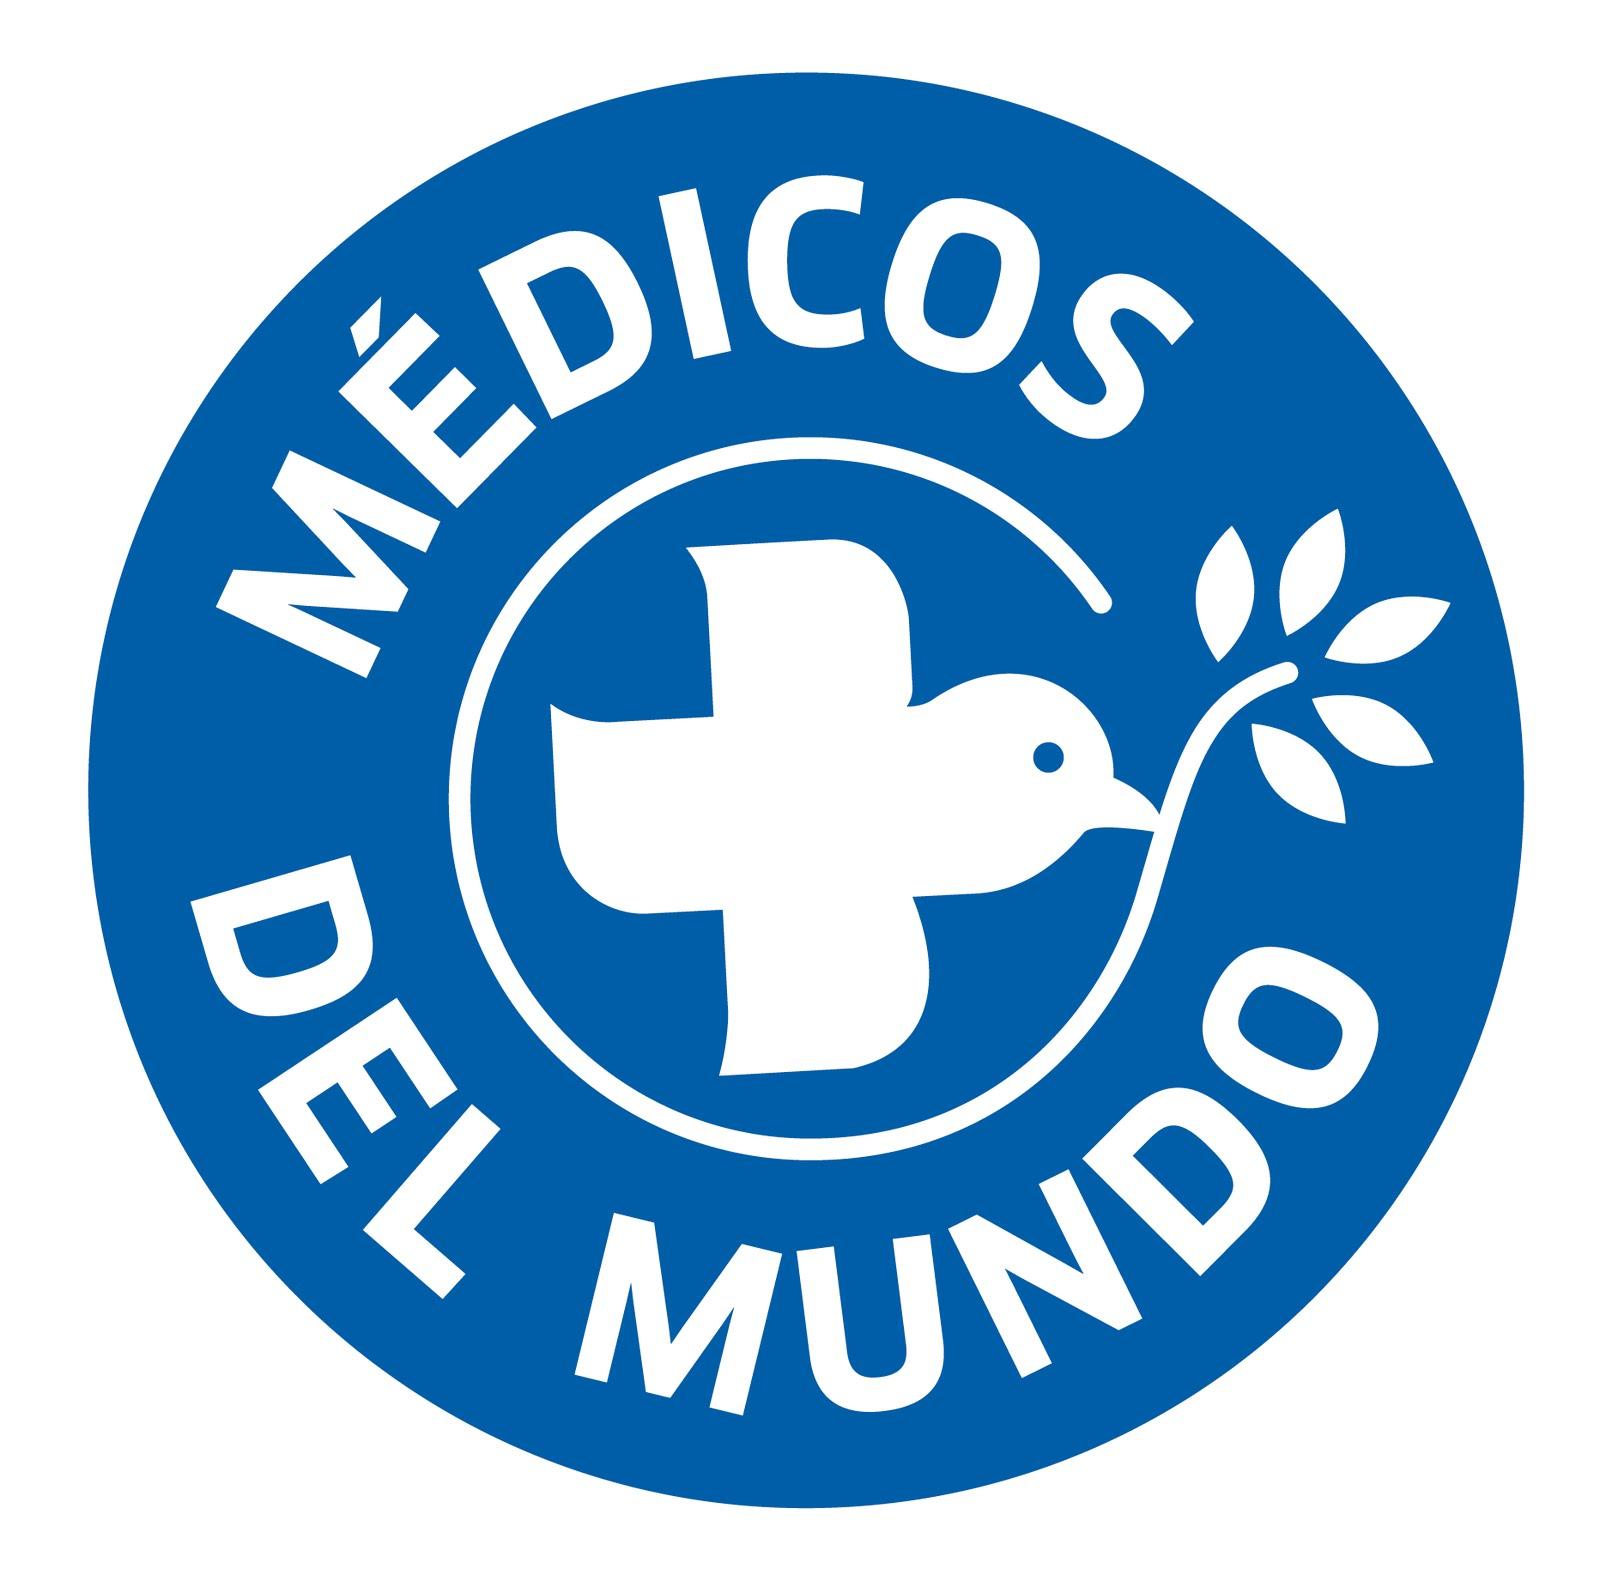 Taller Metges del món 2012